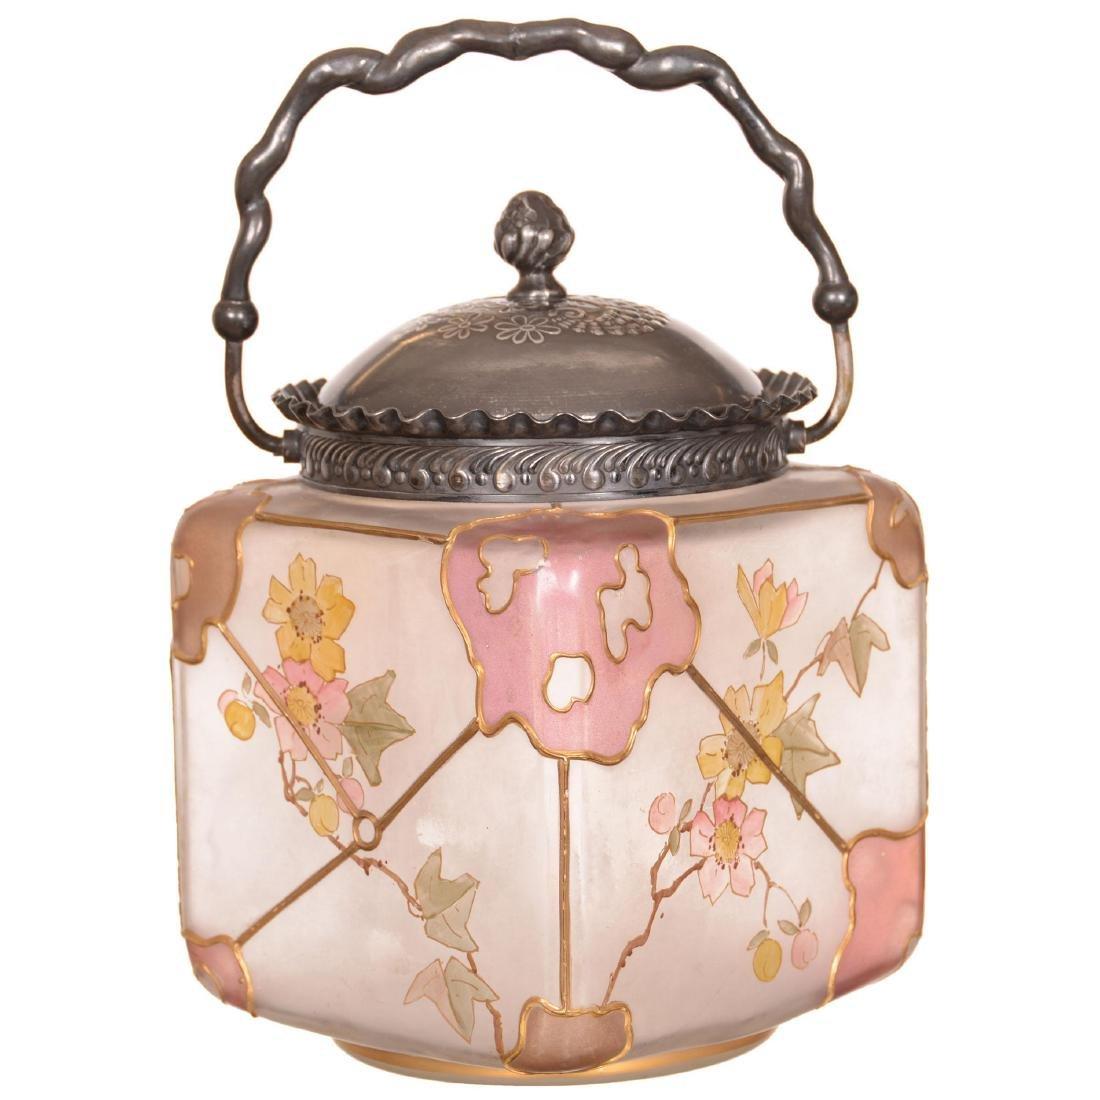 Royal Flemish Biscuit Jar